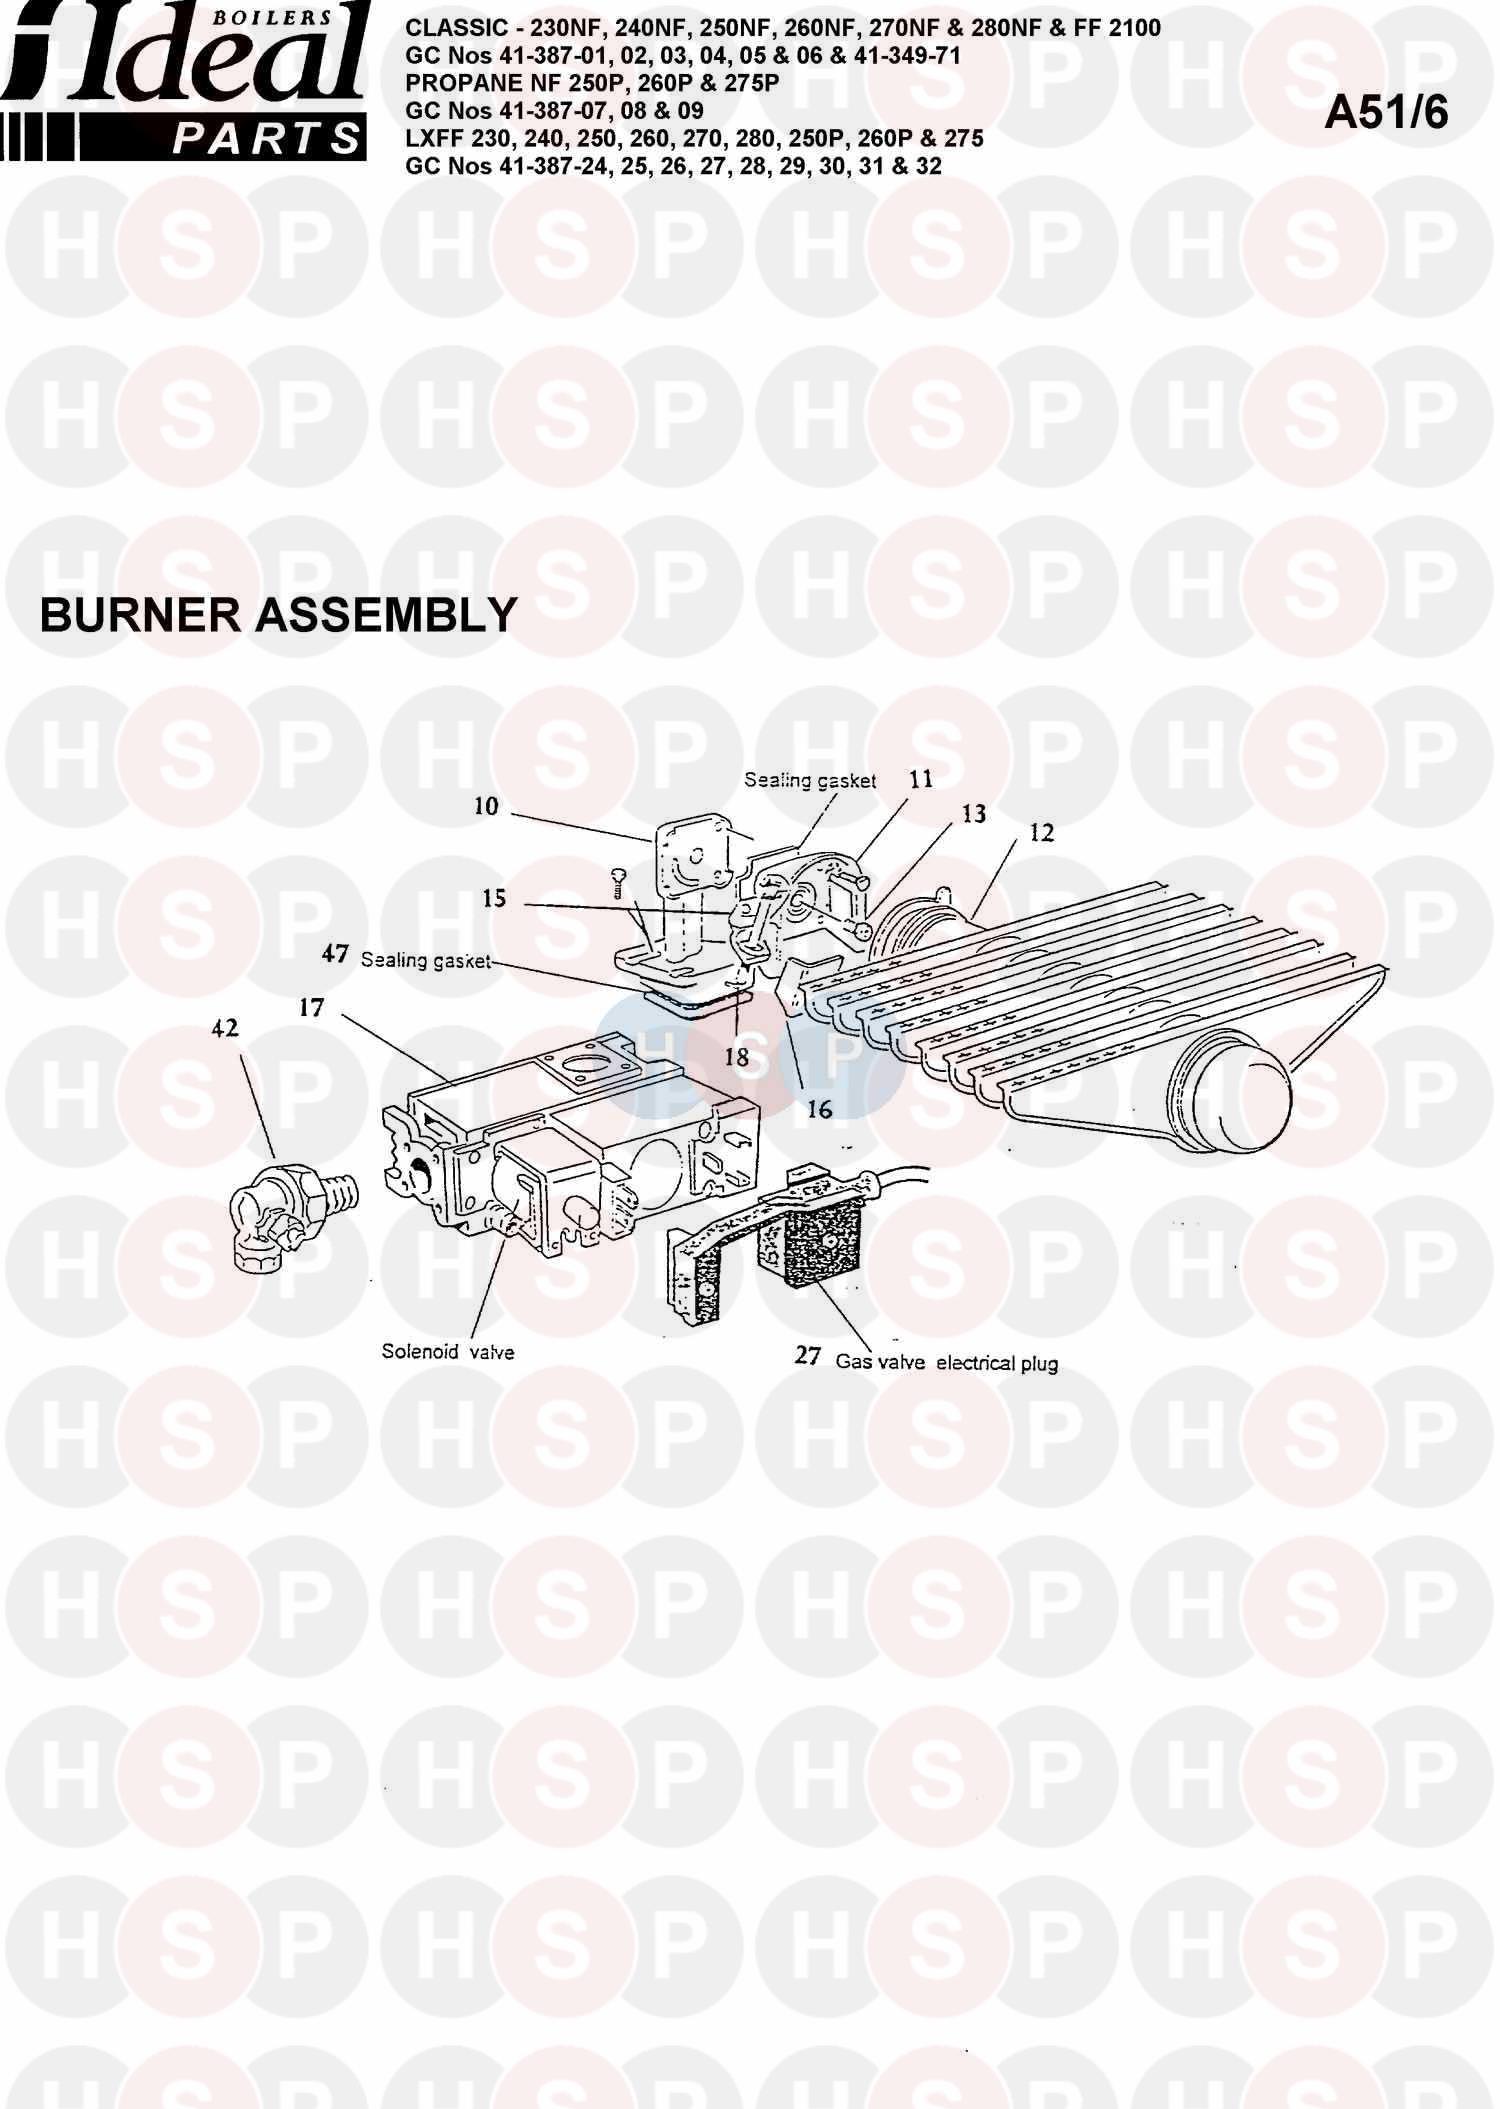 ideal classic 250nf  burner control ass 1  diagram